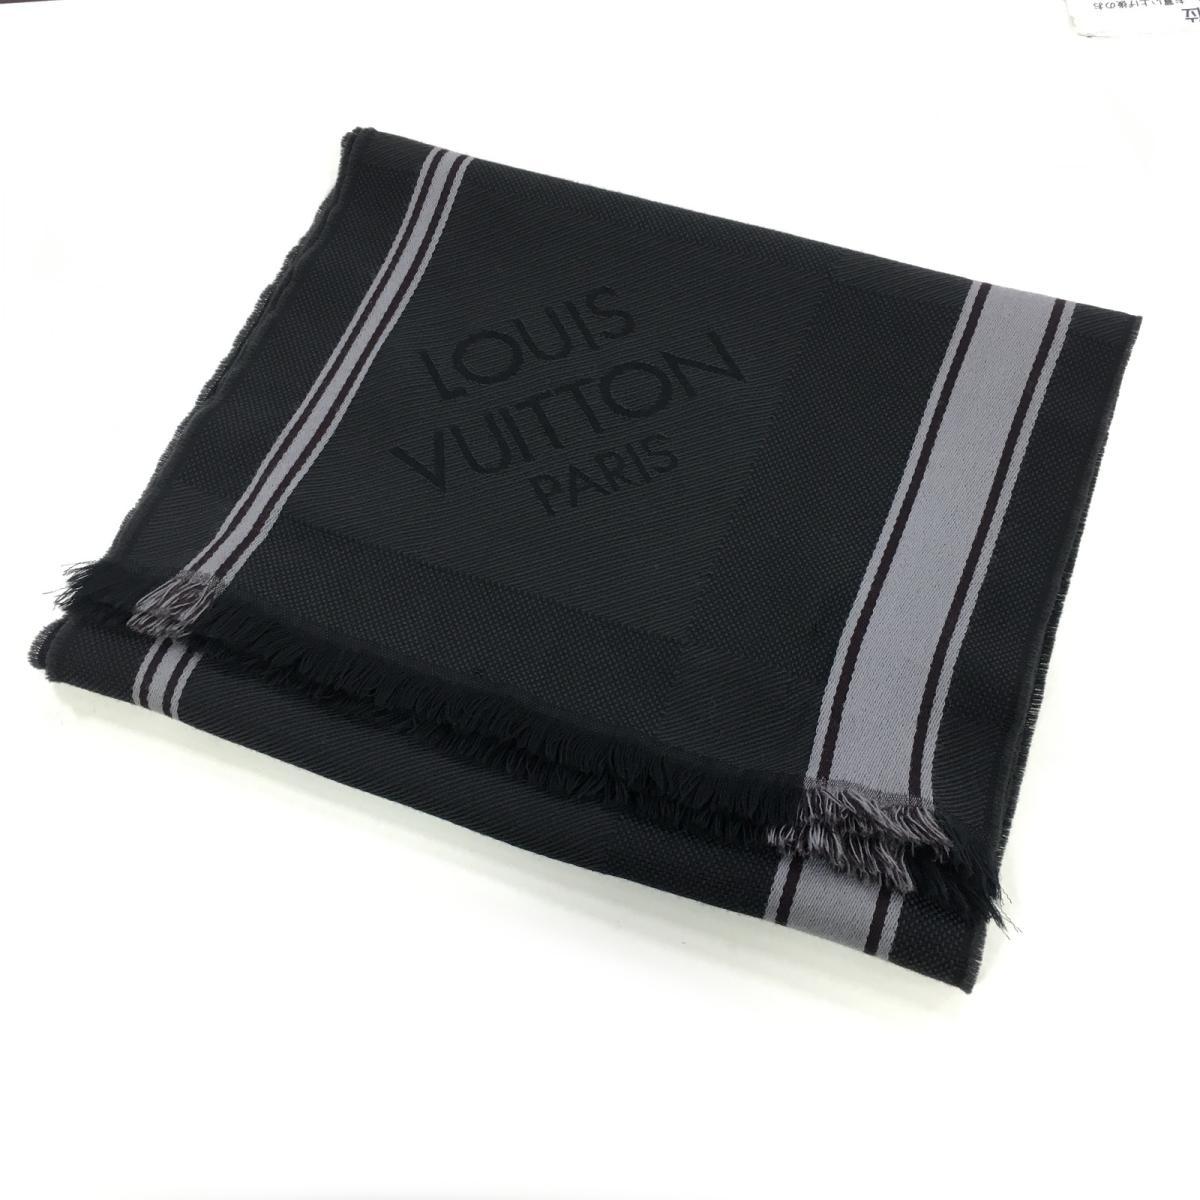 【中古】 ルイヴィトン マフラー メンズ ウール100% ブラック グレー | LOUIS VUITTON BRANDOFF ブランドオフ ヴィトン ビトン ルイ・ヴィトン ブランド スカーフ